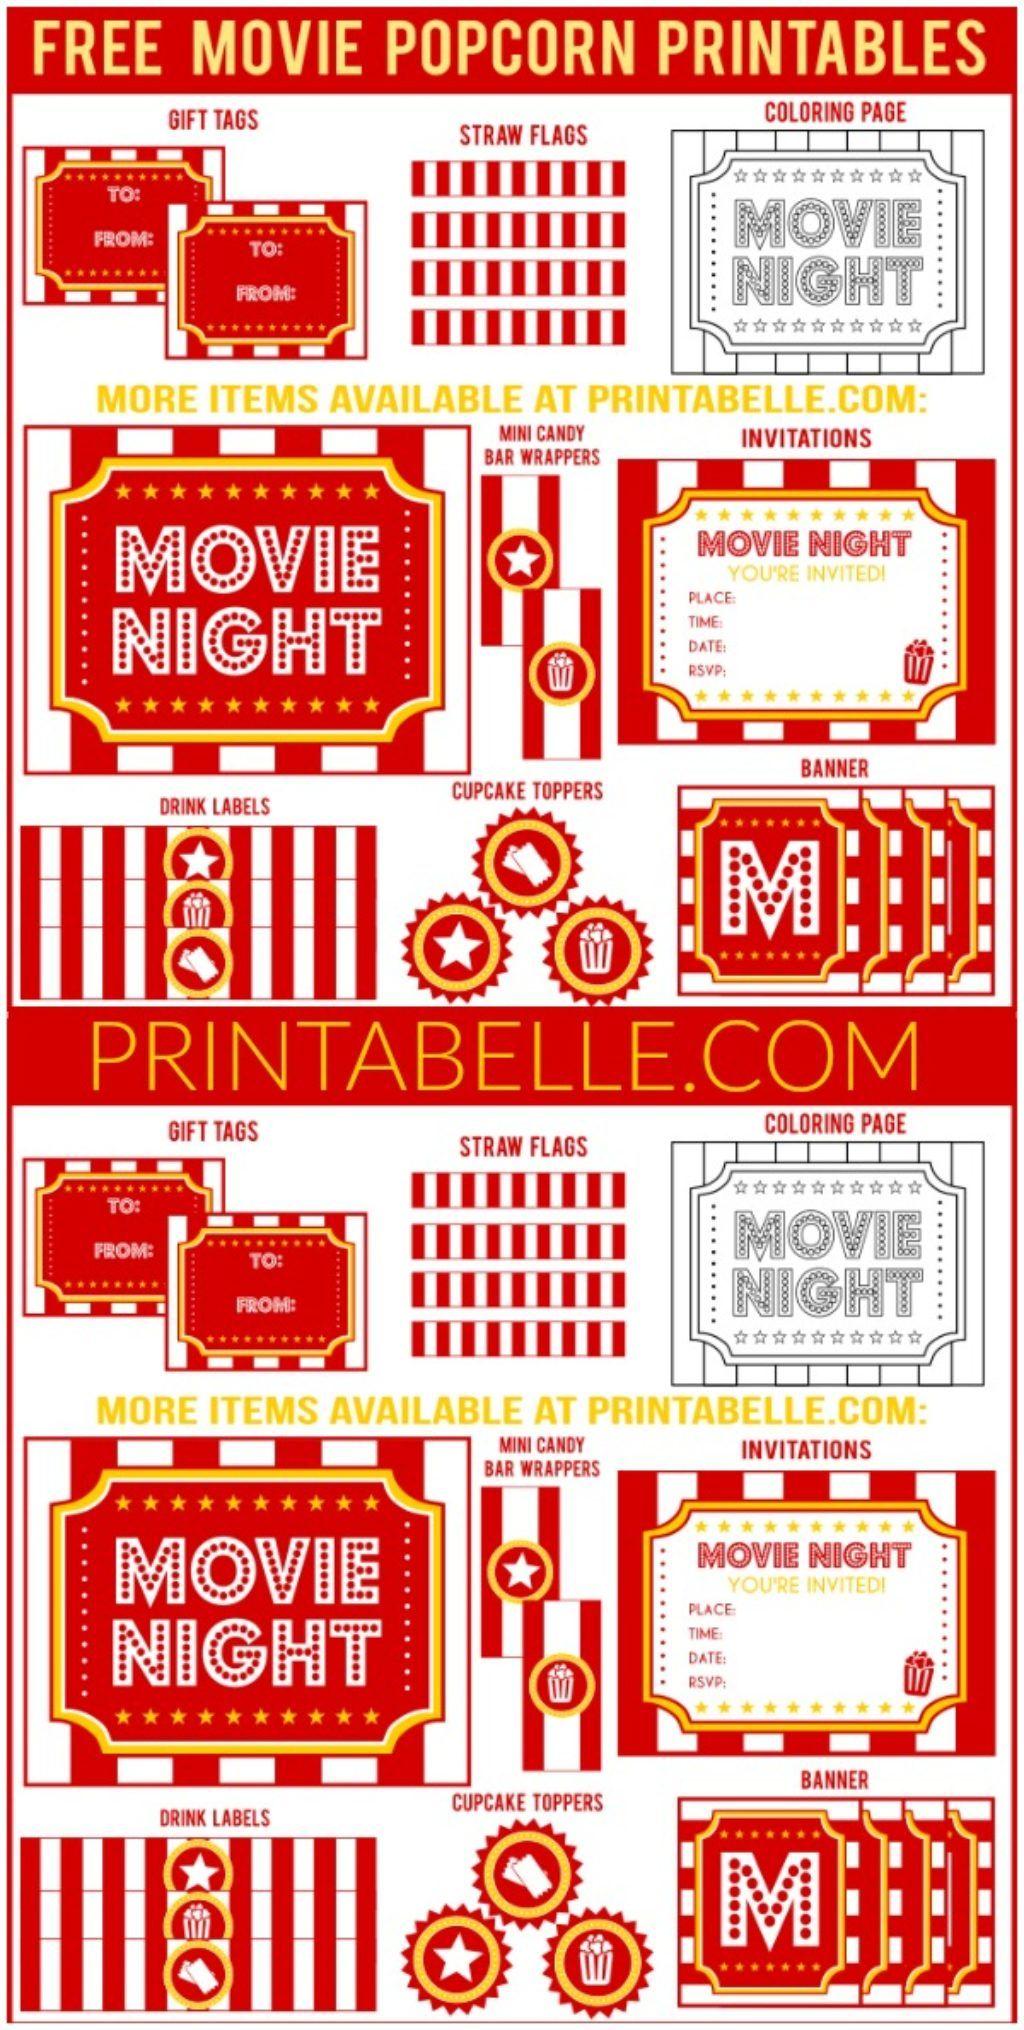 Movie Night Popcorn Printables In